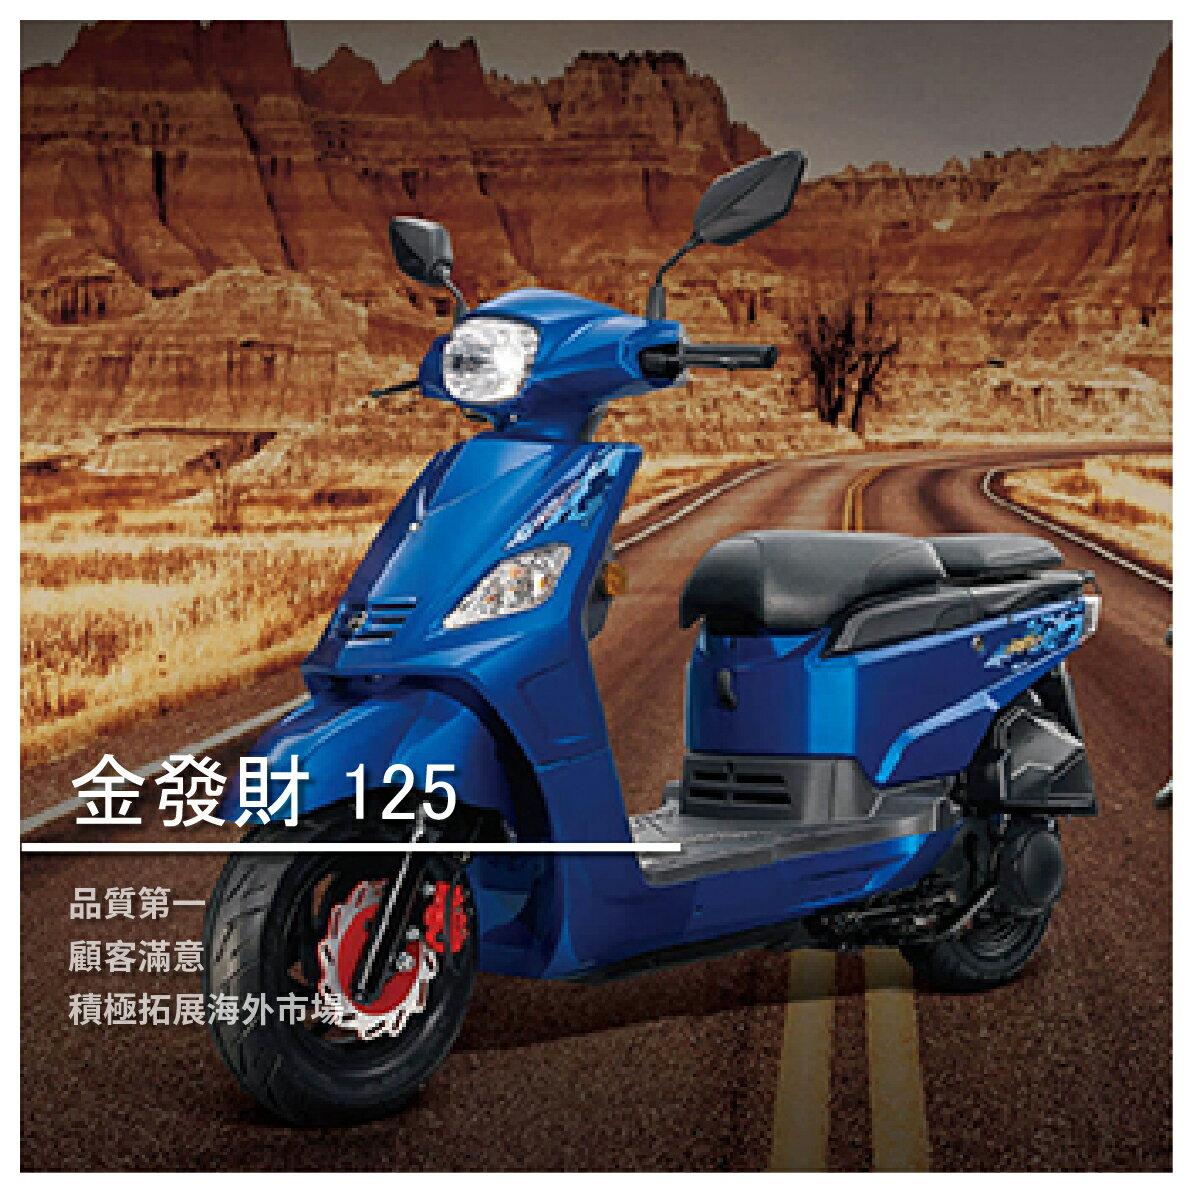 【SYM三陽機車-鋐安車業】 金發財 125/78000起